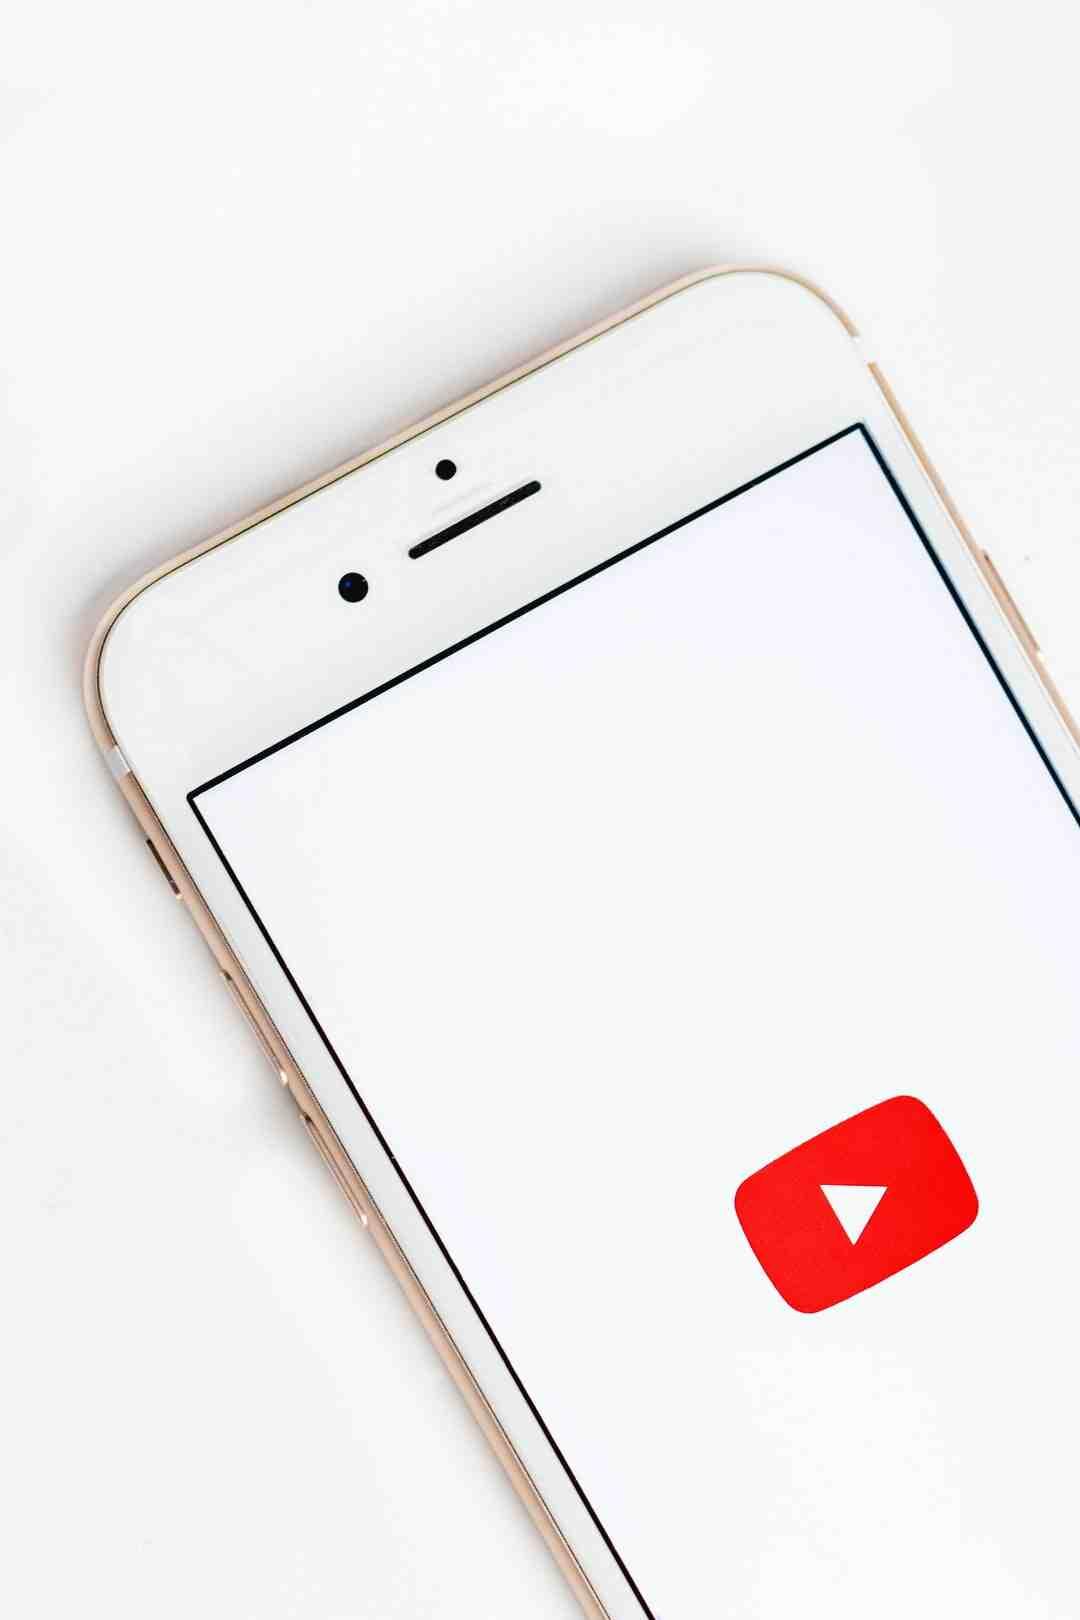 Pourquoi YouTube n'est pas disponible dans ma région ?